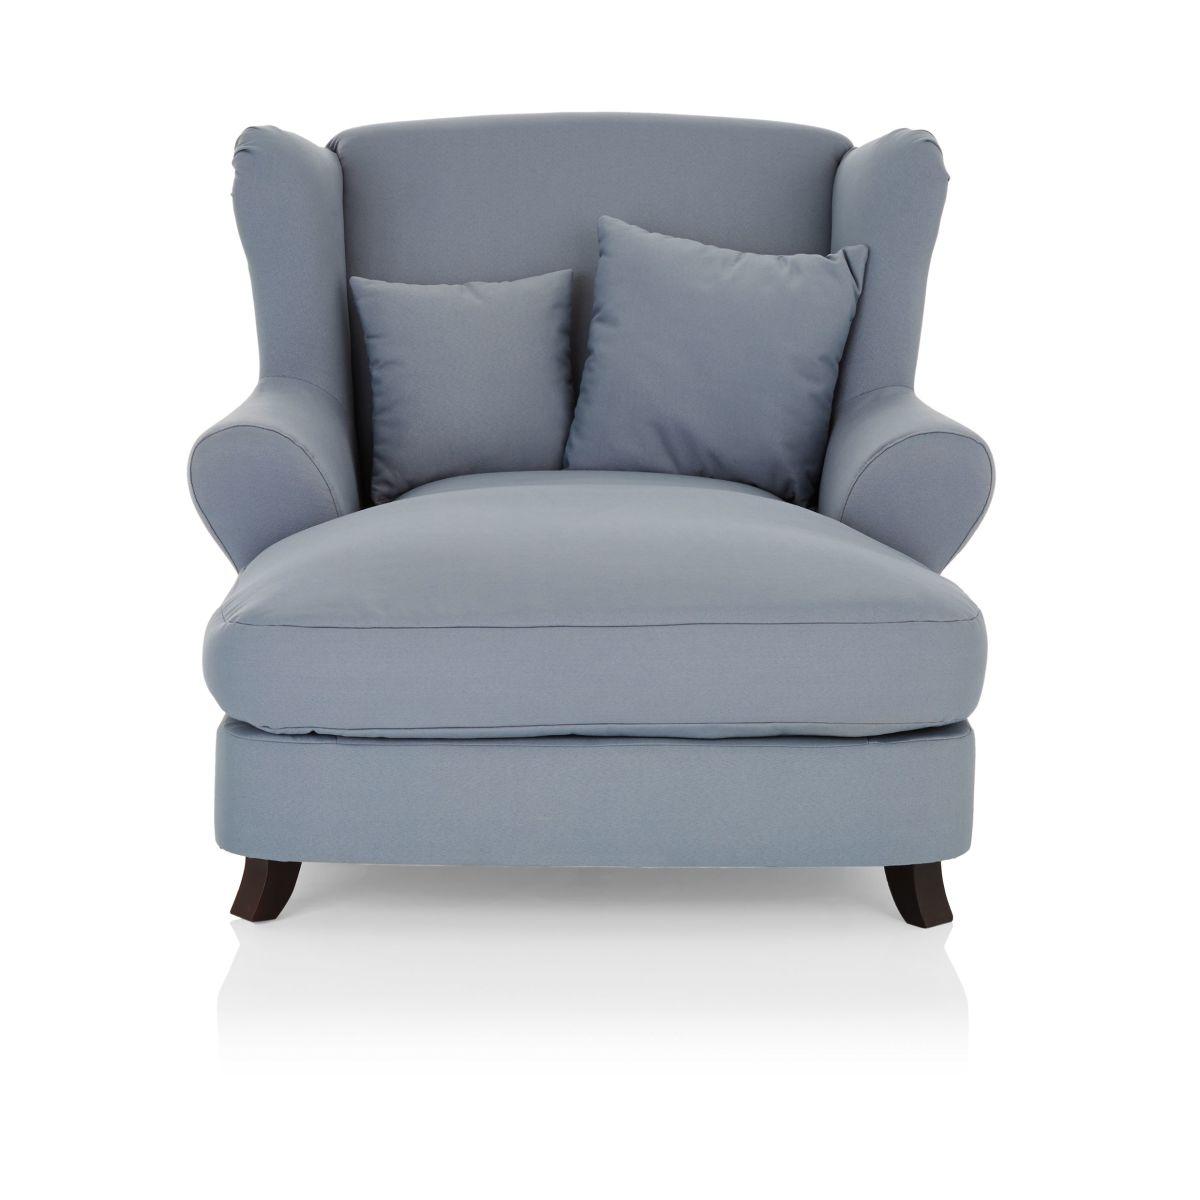 ohrensessel 1 5 sitzer Bestseller Shop für Möbel und